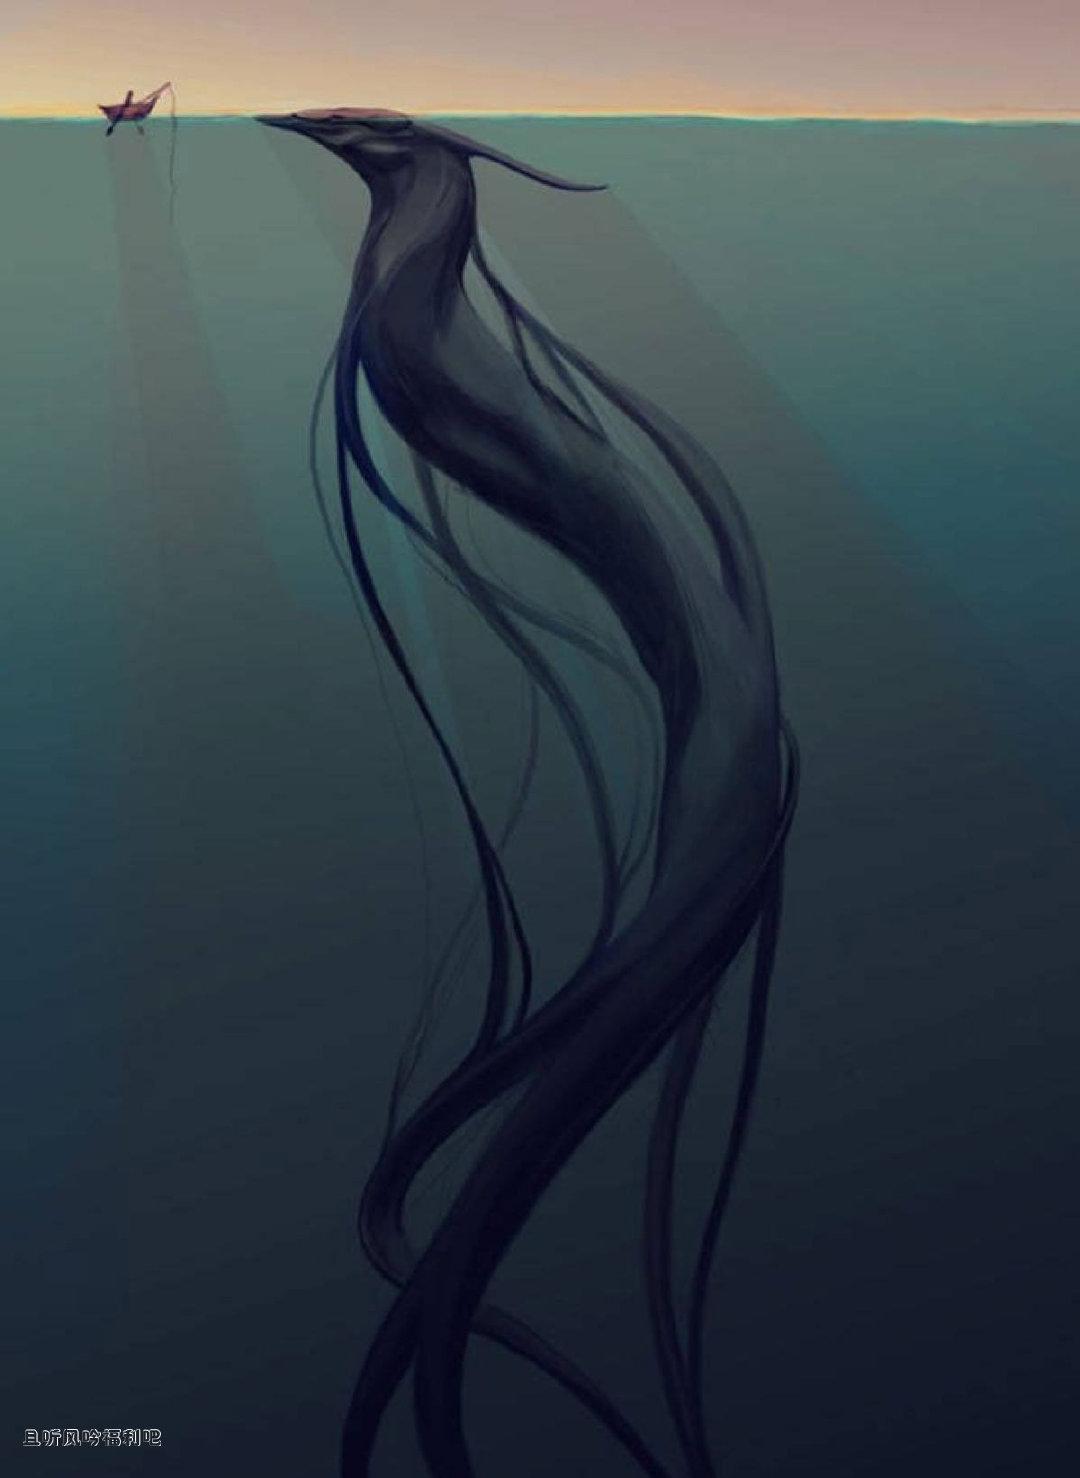 深海恐惧症图片7